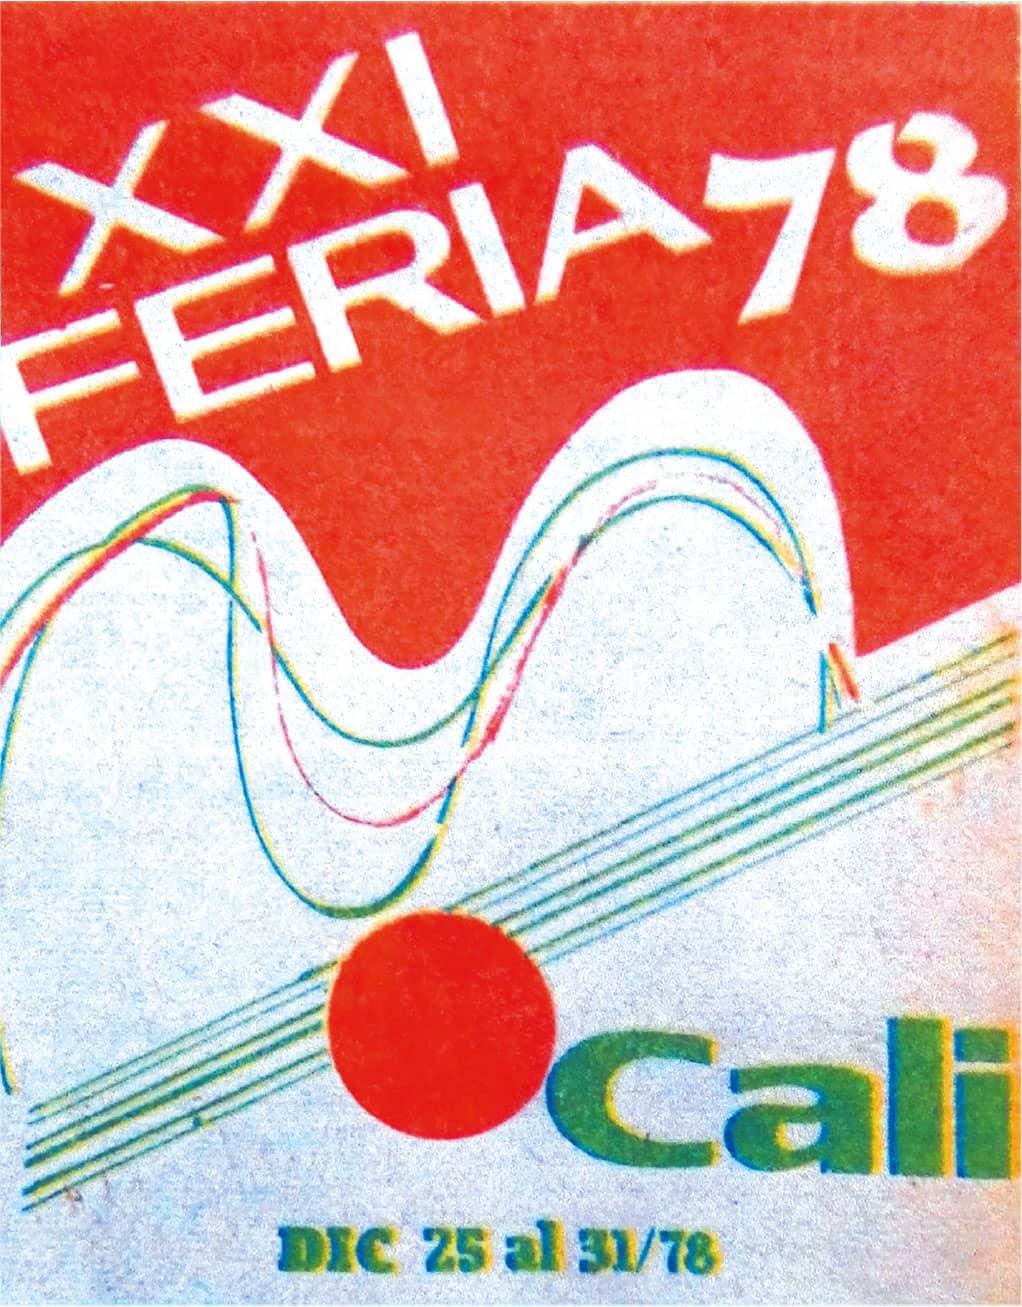 Afiche-Feria-de-Cali-21-1978